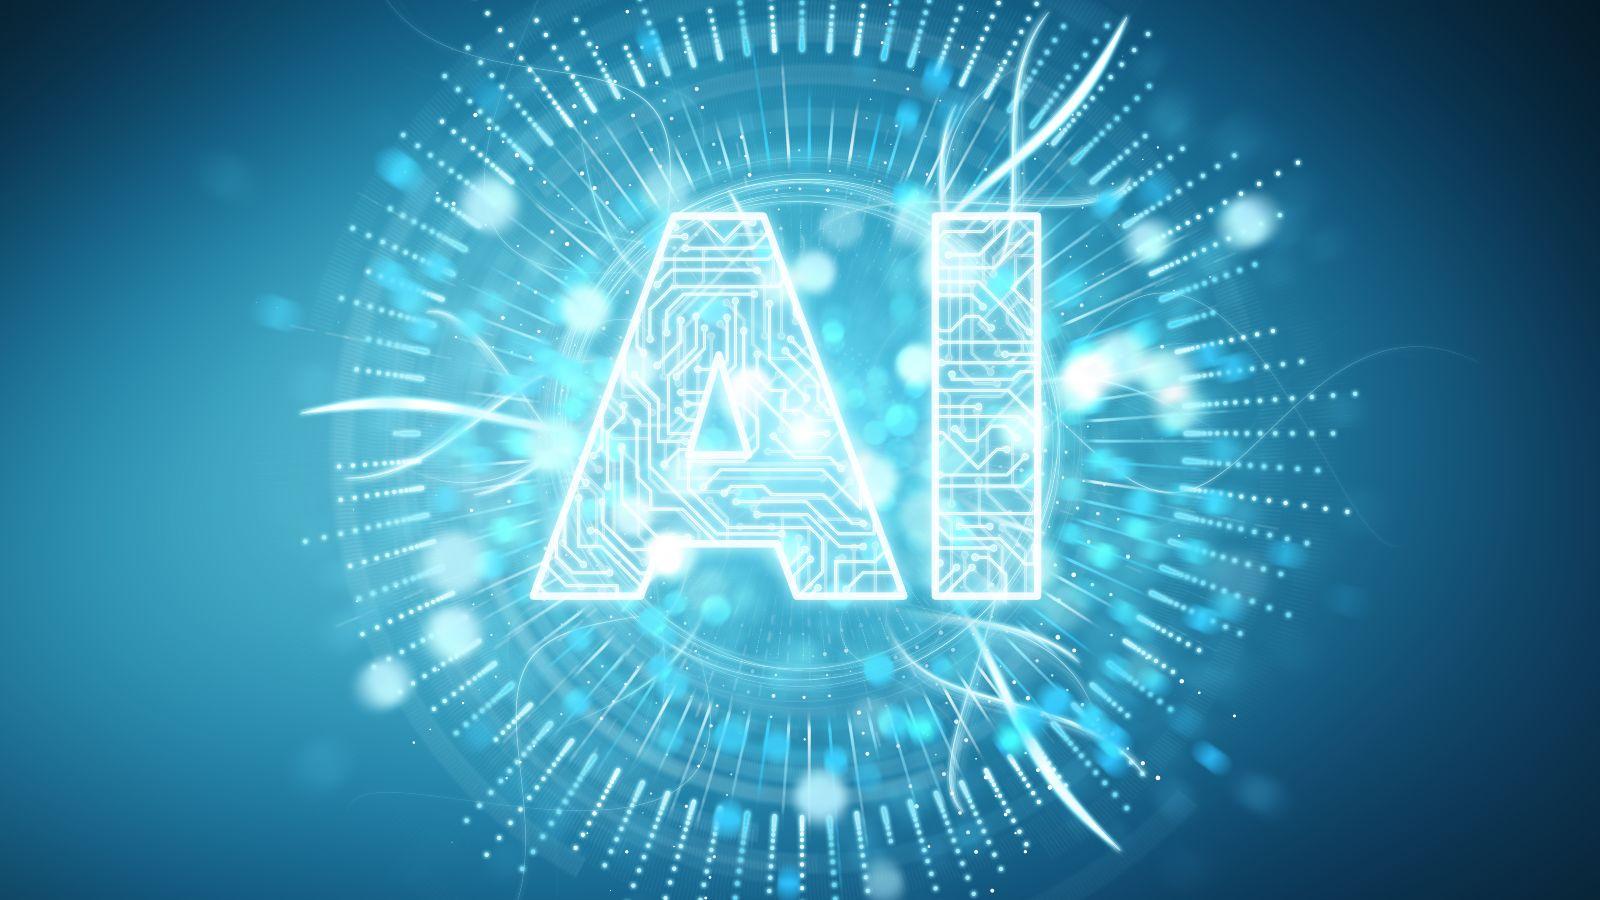 Diese Bild zeigt einen leuchtenden Kreis, innerhalb dessen groß die Buchstaben AI geschrieben stehen. Die Buchstaben sind von elektronischen Leiterbahnen durchzogen.